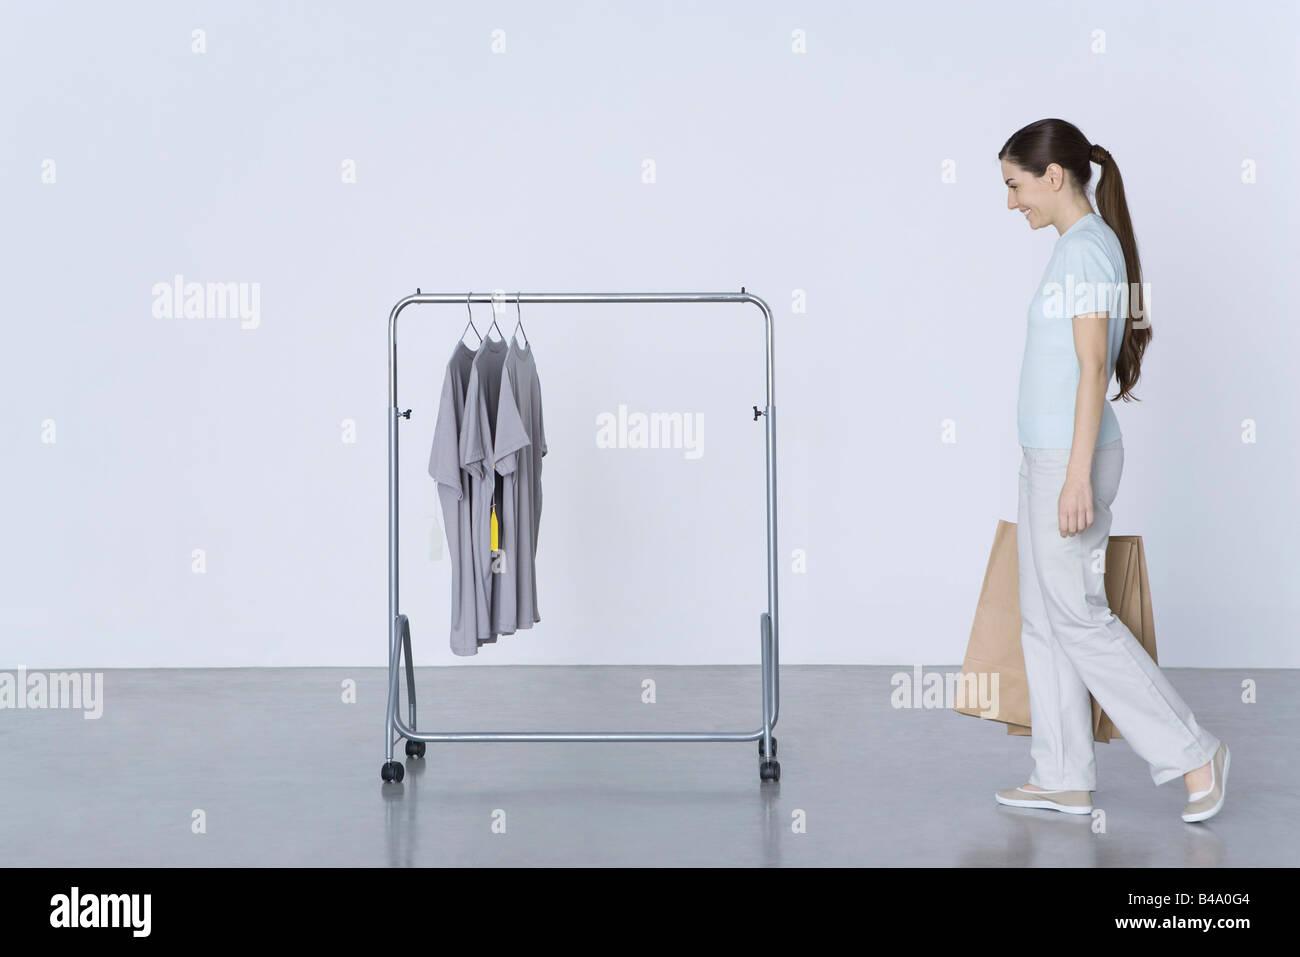 Woman walking toward rack of tee-shirts, carrying shopping bags - Stock Image